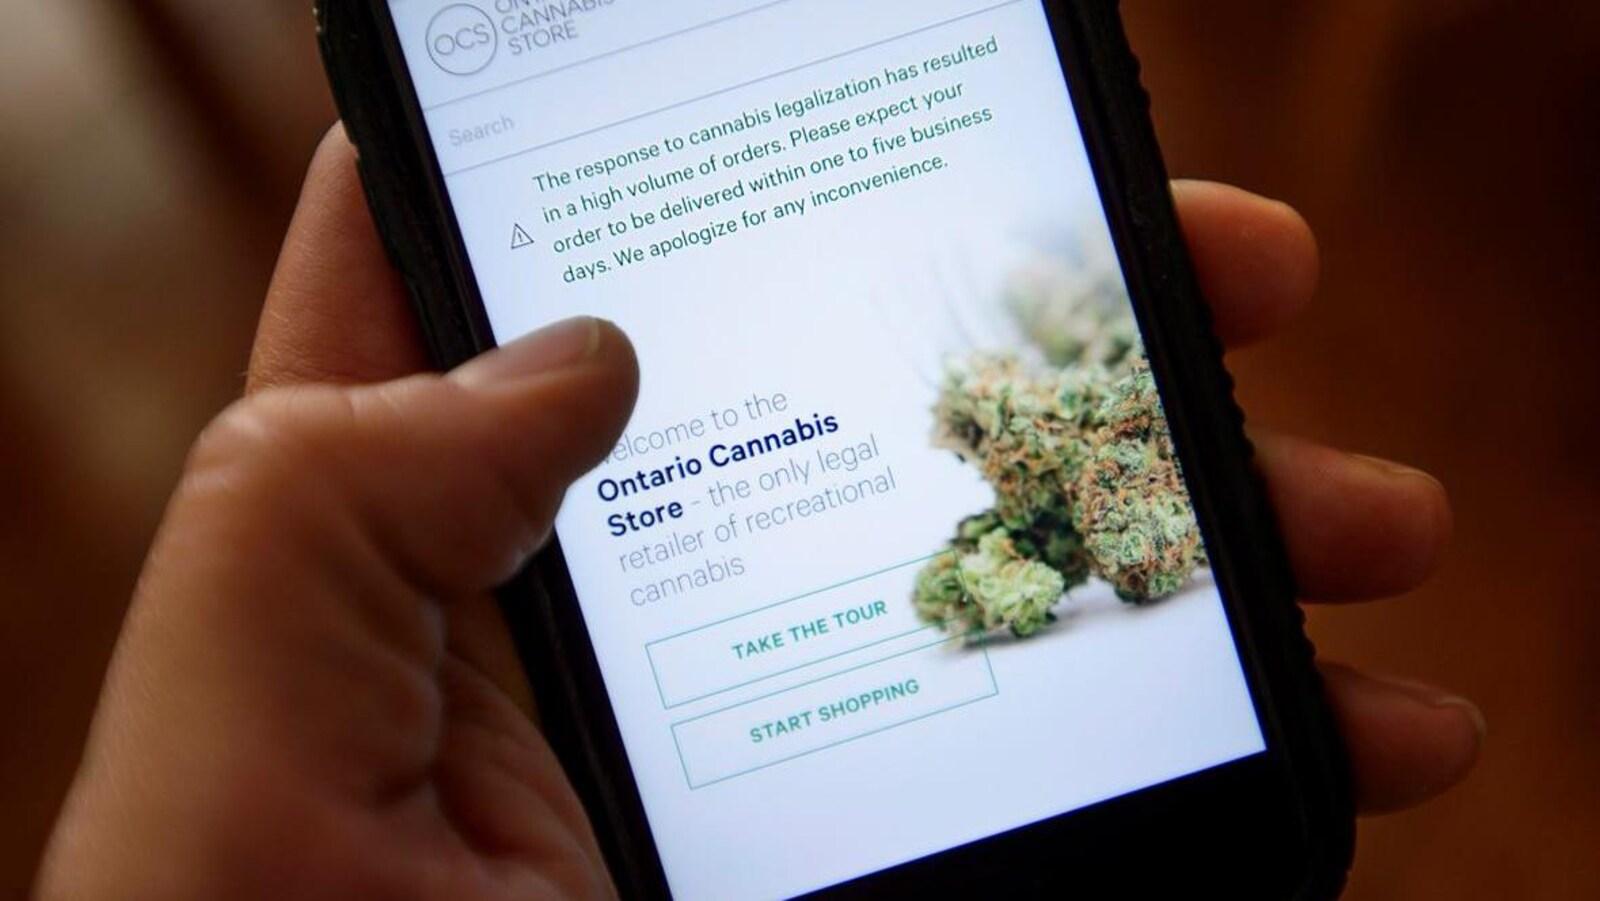 Photo d'une main qui tient un téléphone cellulaire où est affichée une image de cannabis.